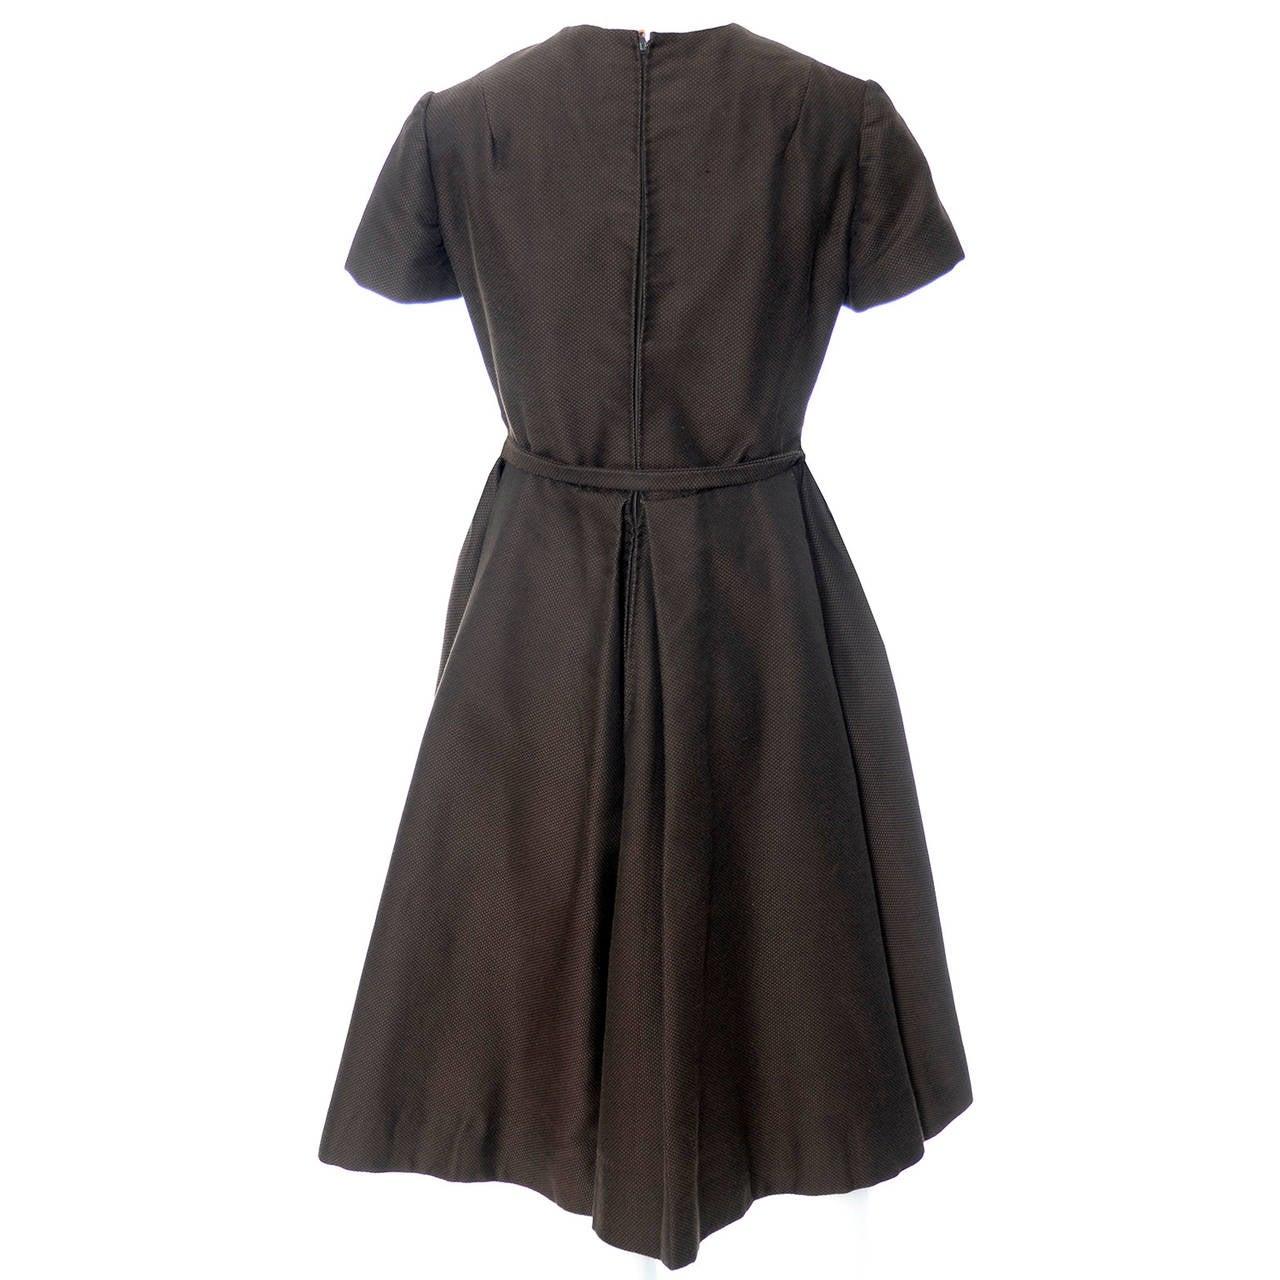 Chocolate Brown Geoffrey Beene 1960s Mod Vintage Dress Pockets Belt 7